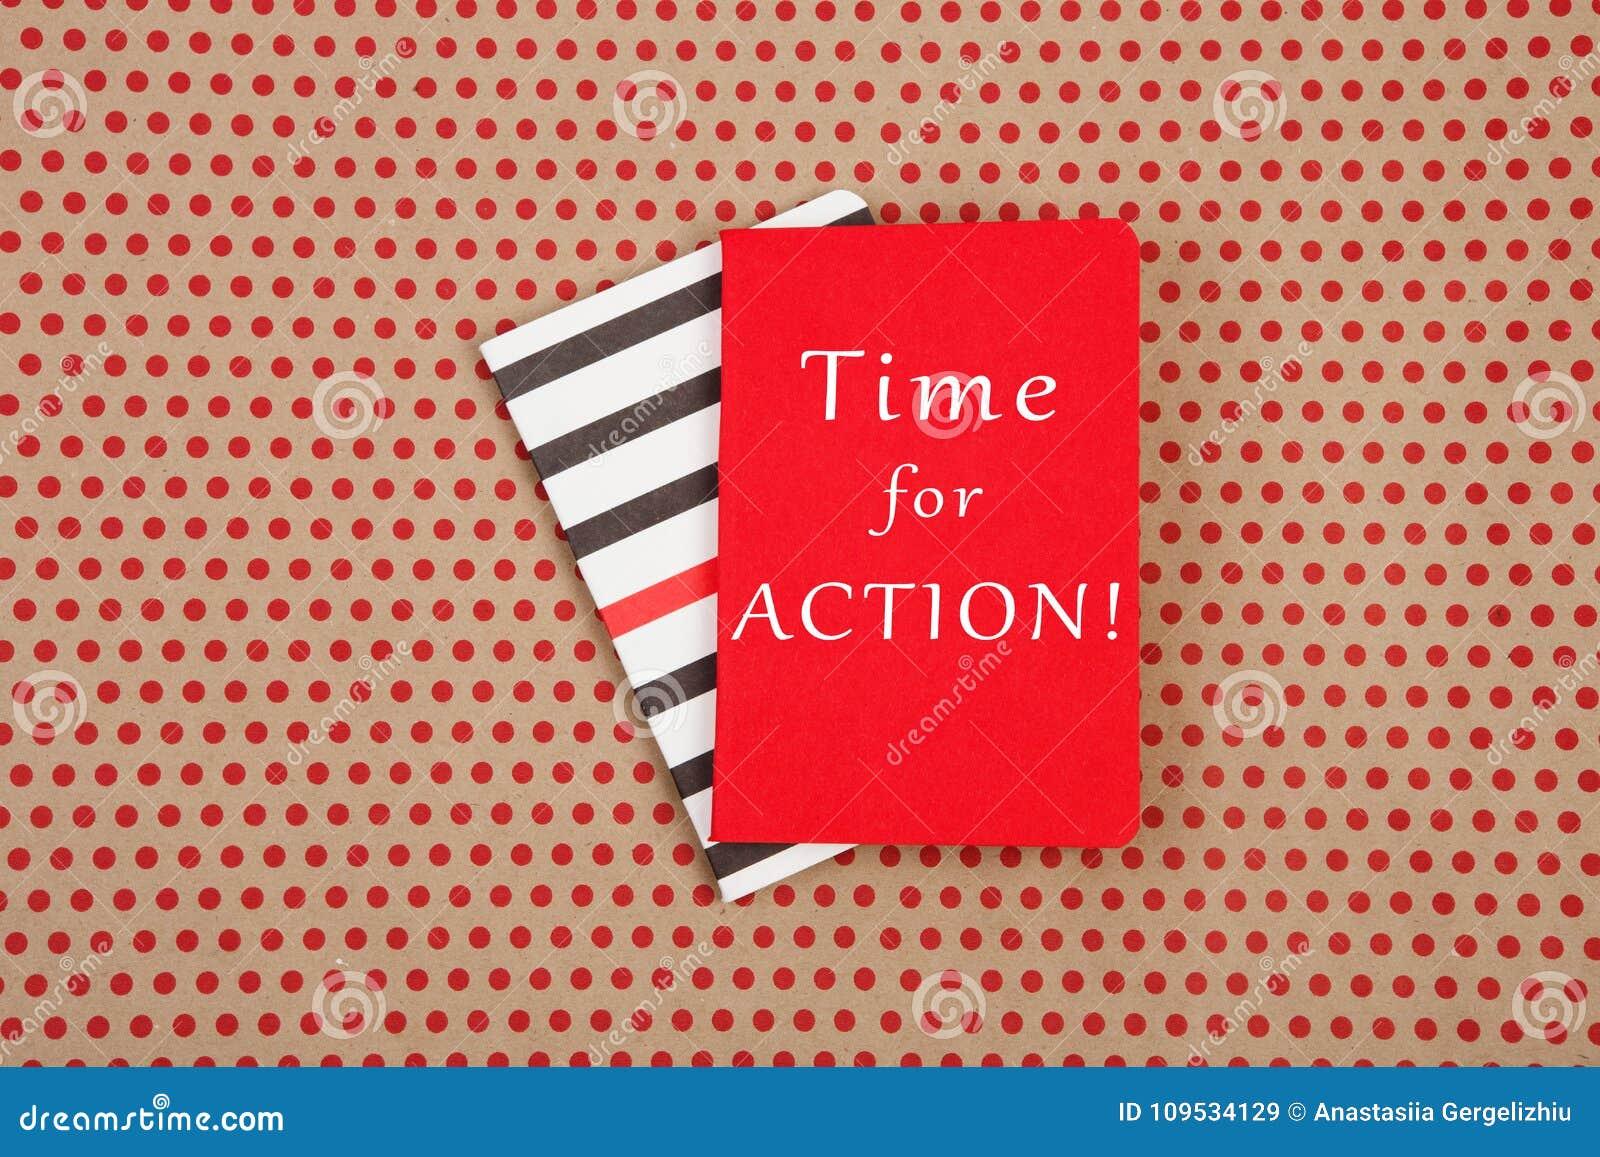 Blocnotes met tekst & x22; Tijd voor ACTIE! & x22;